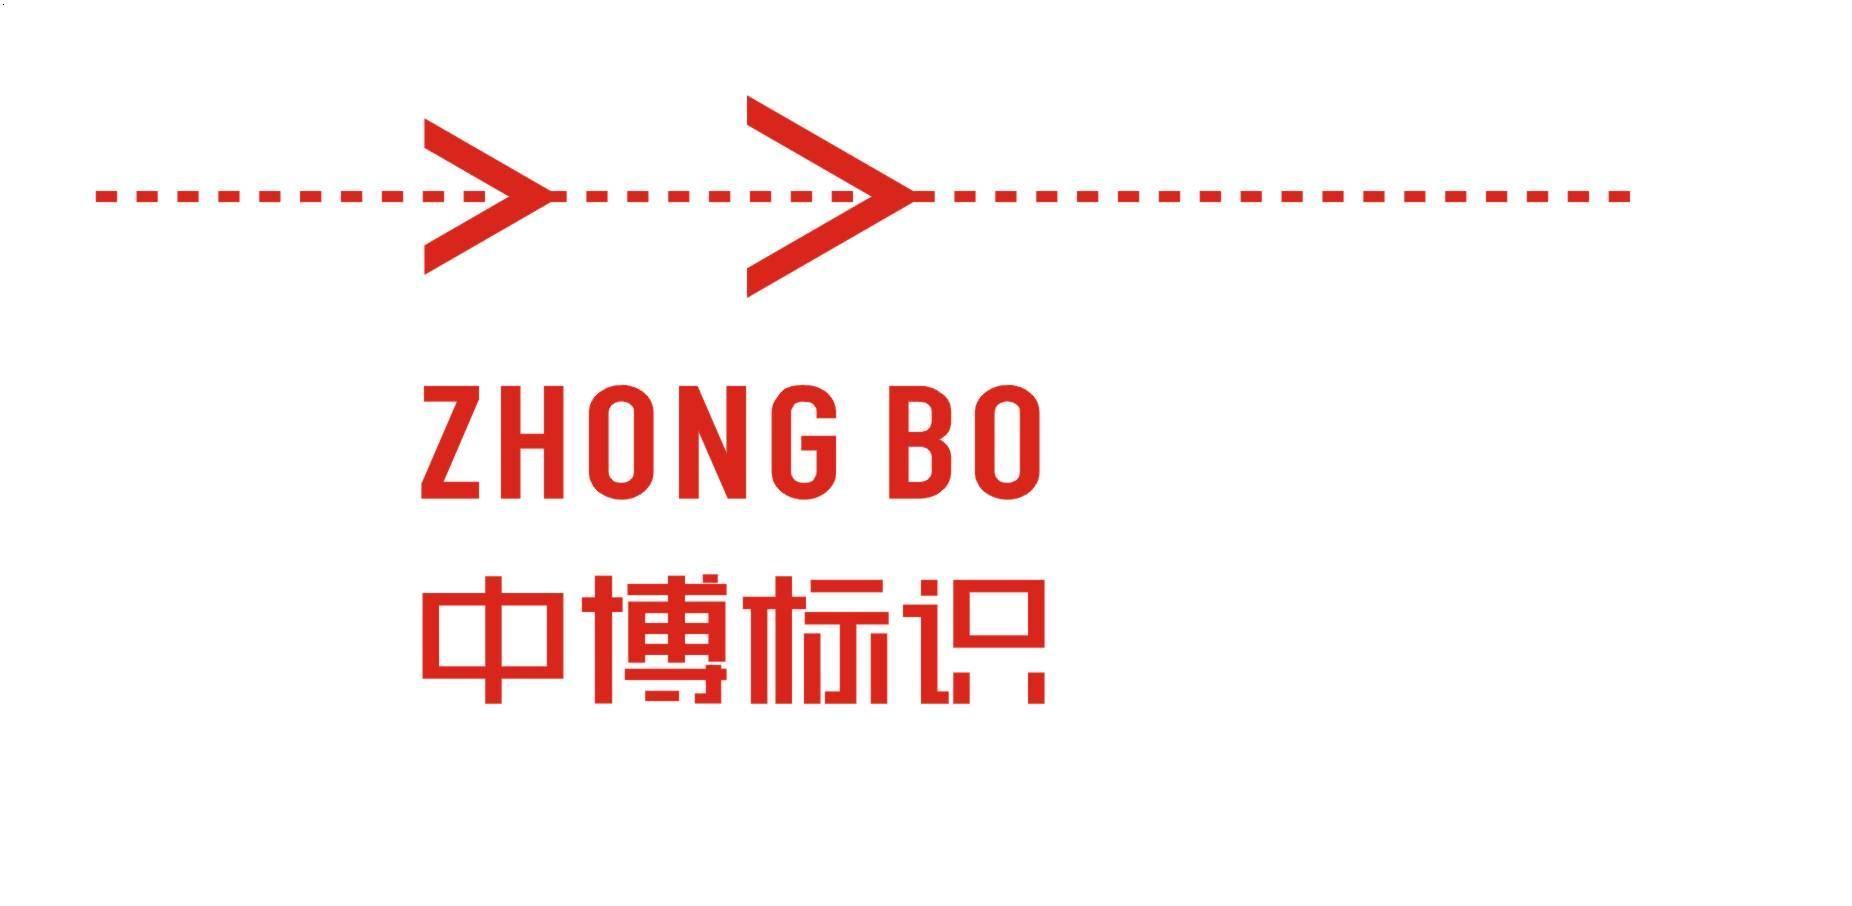 郑州标识公司 郑州标识厂家 必途郑州标识公司排行榜